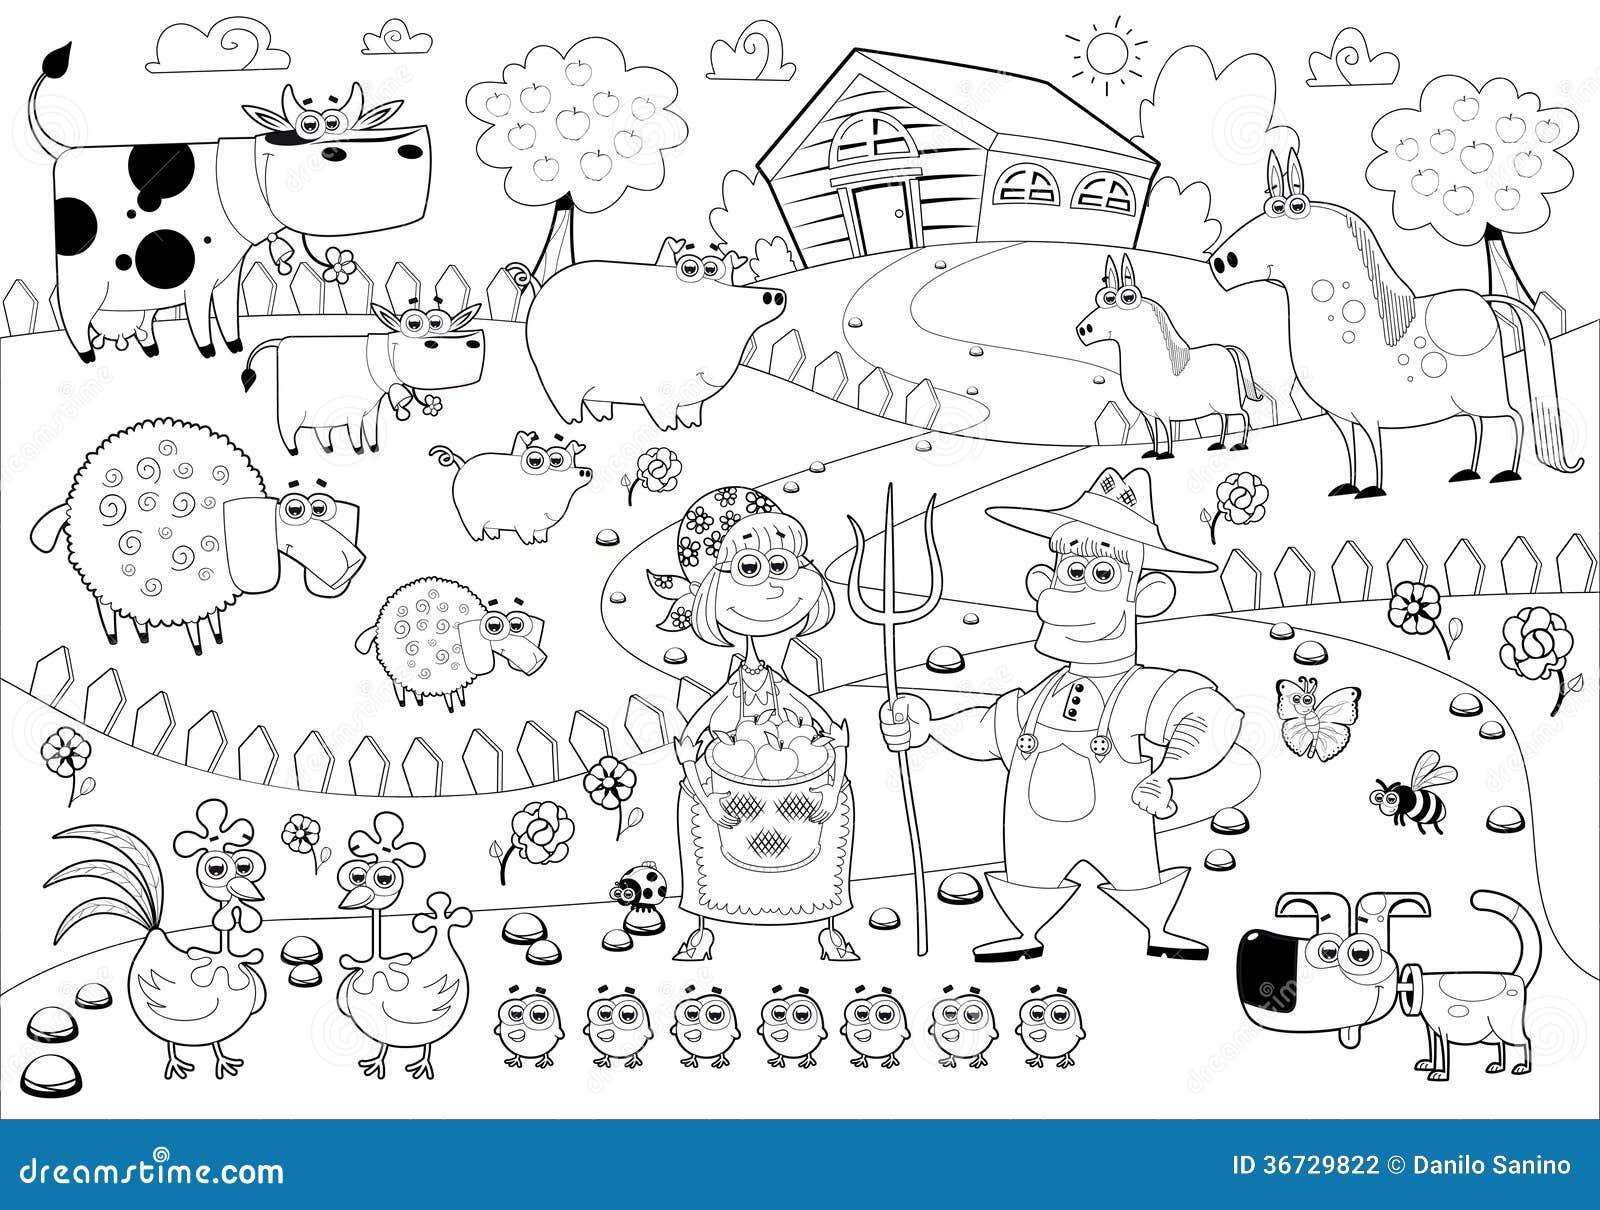 Familia de la granja divertida en blanco y negro - Familias en blanco y negro ...